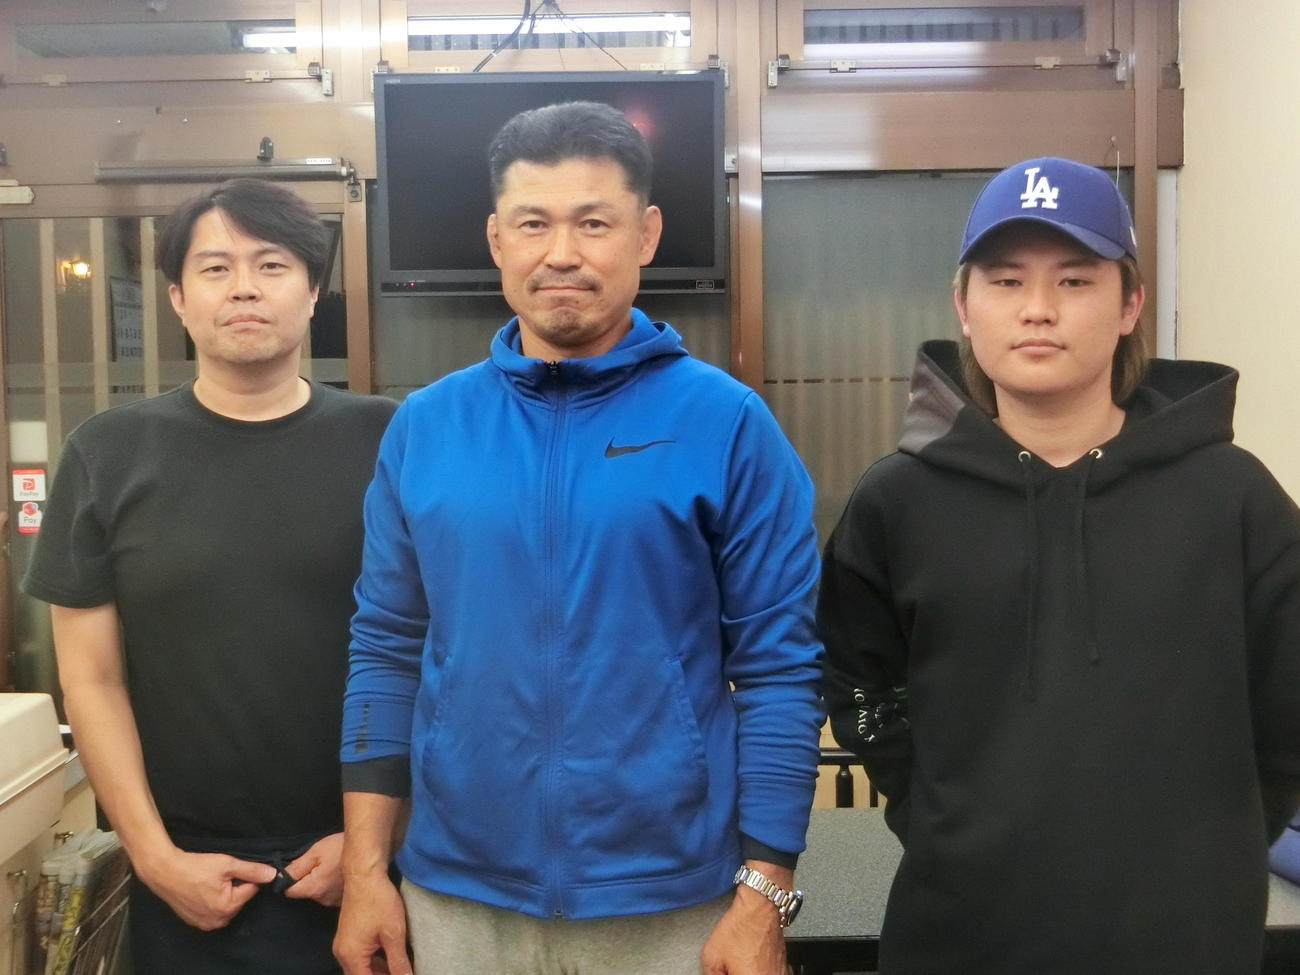 阪神佐藤輝の父博信さん(中央)、左はうどん屋「はづき」店主の高取君己さん、右は佐藤輝の同級生で高取さんの息子真祥さん